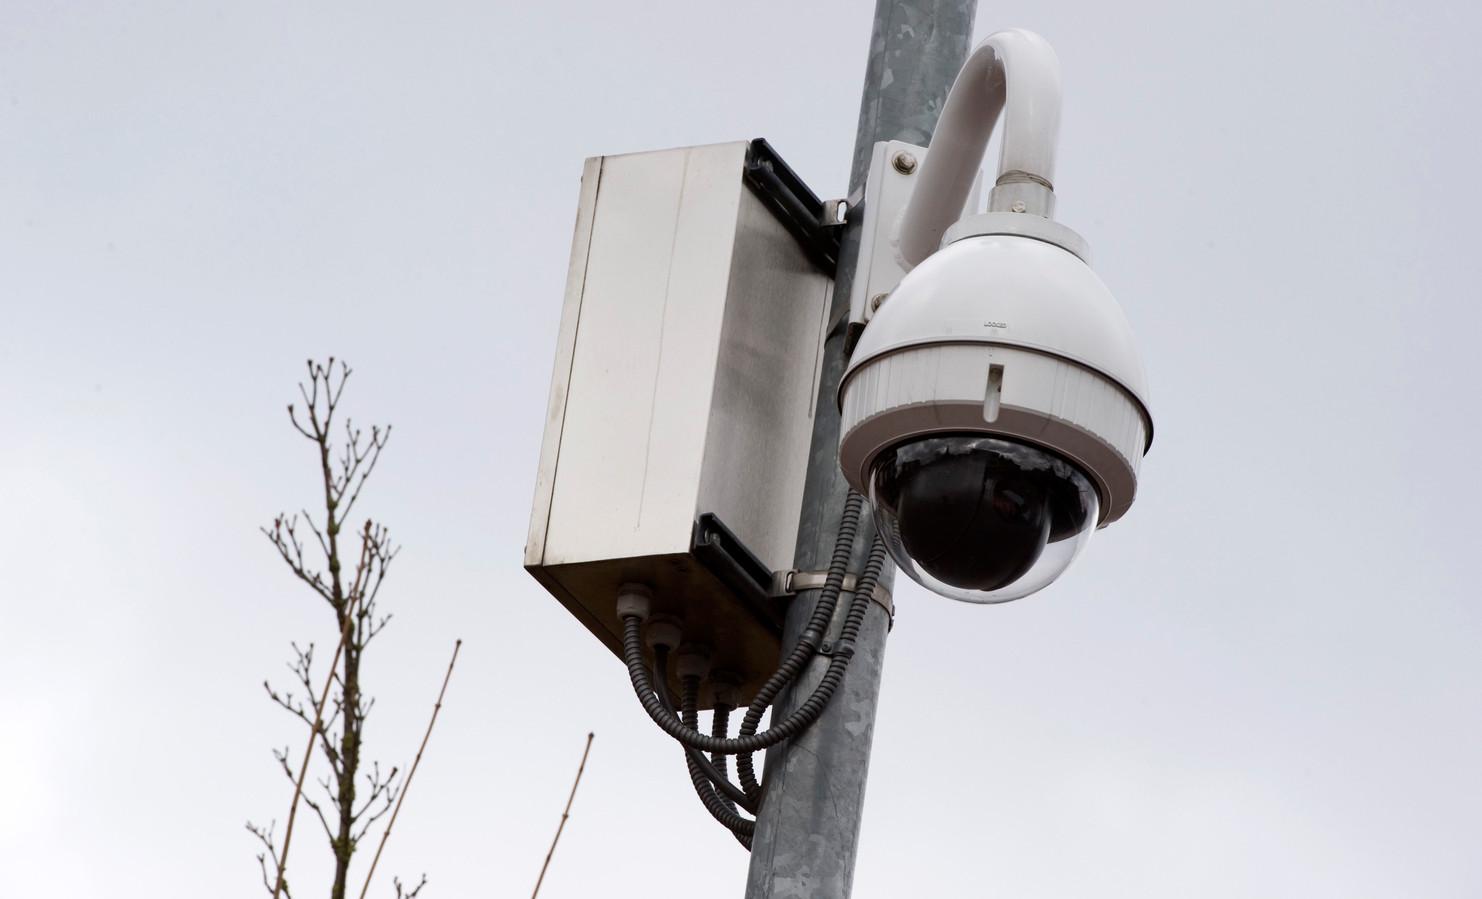 Een beveiligingscamera, zoals die eventueel bij de veelbesproken fietstunnels in Enschede Zuid en West kunnen worden ingezet.